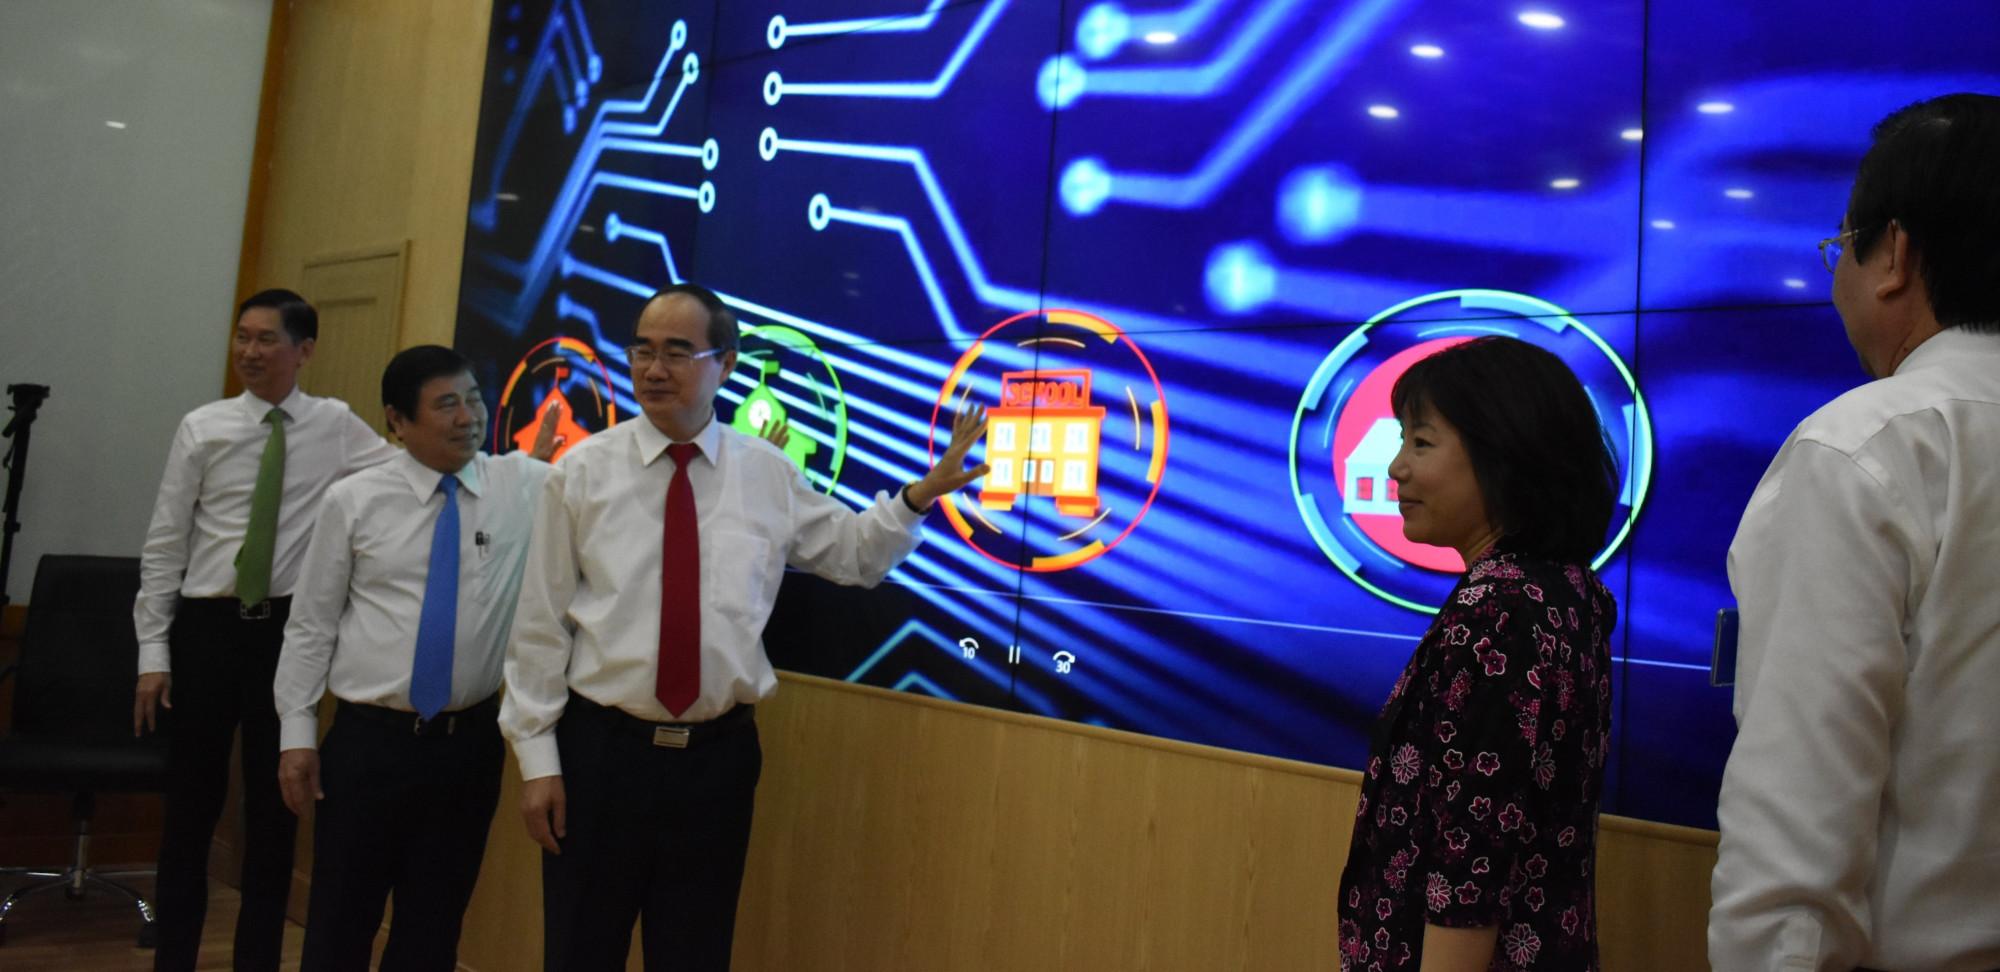 Lãnh đạo thành phố tham gia bấm nút triển khai mô hình thí điểm trung tâm điều hành giáo dục thông minh